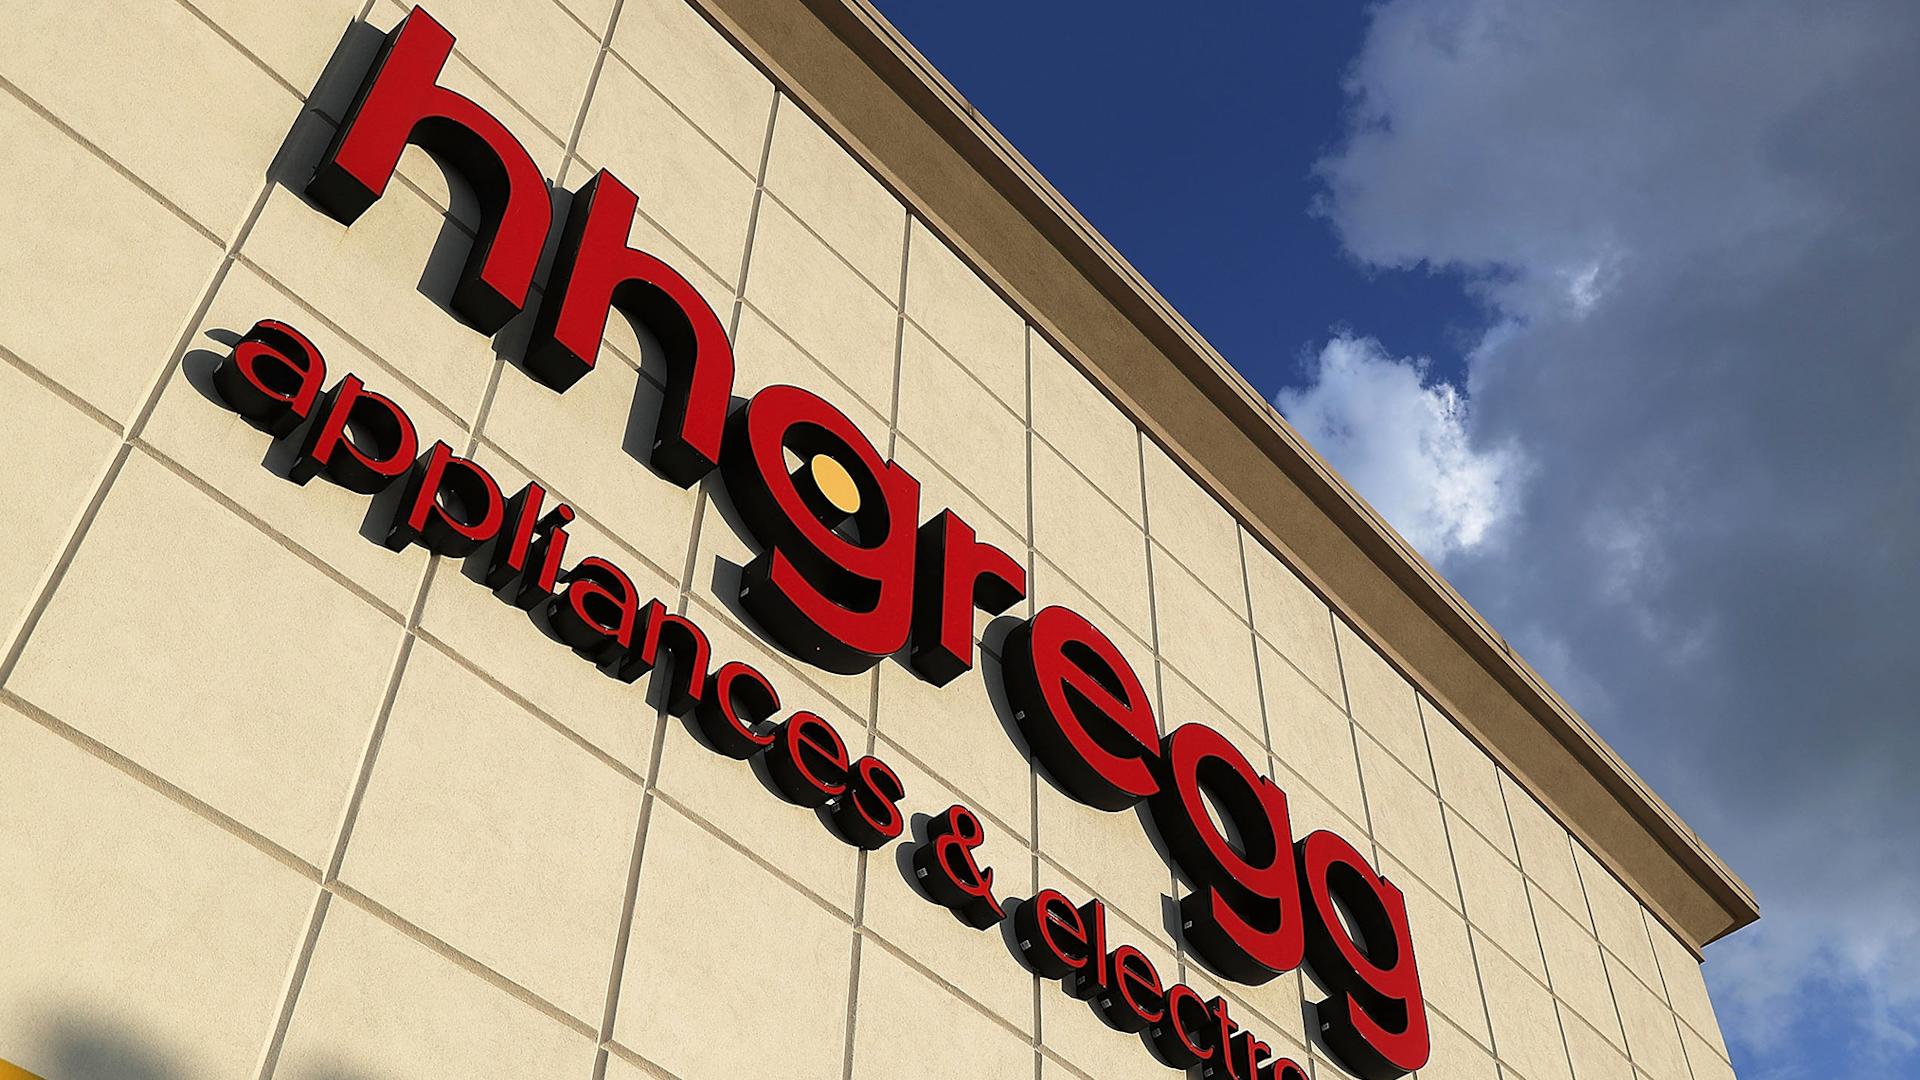 Electronics Retailer Hhgregg To Shutter All 11 South Florida